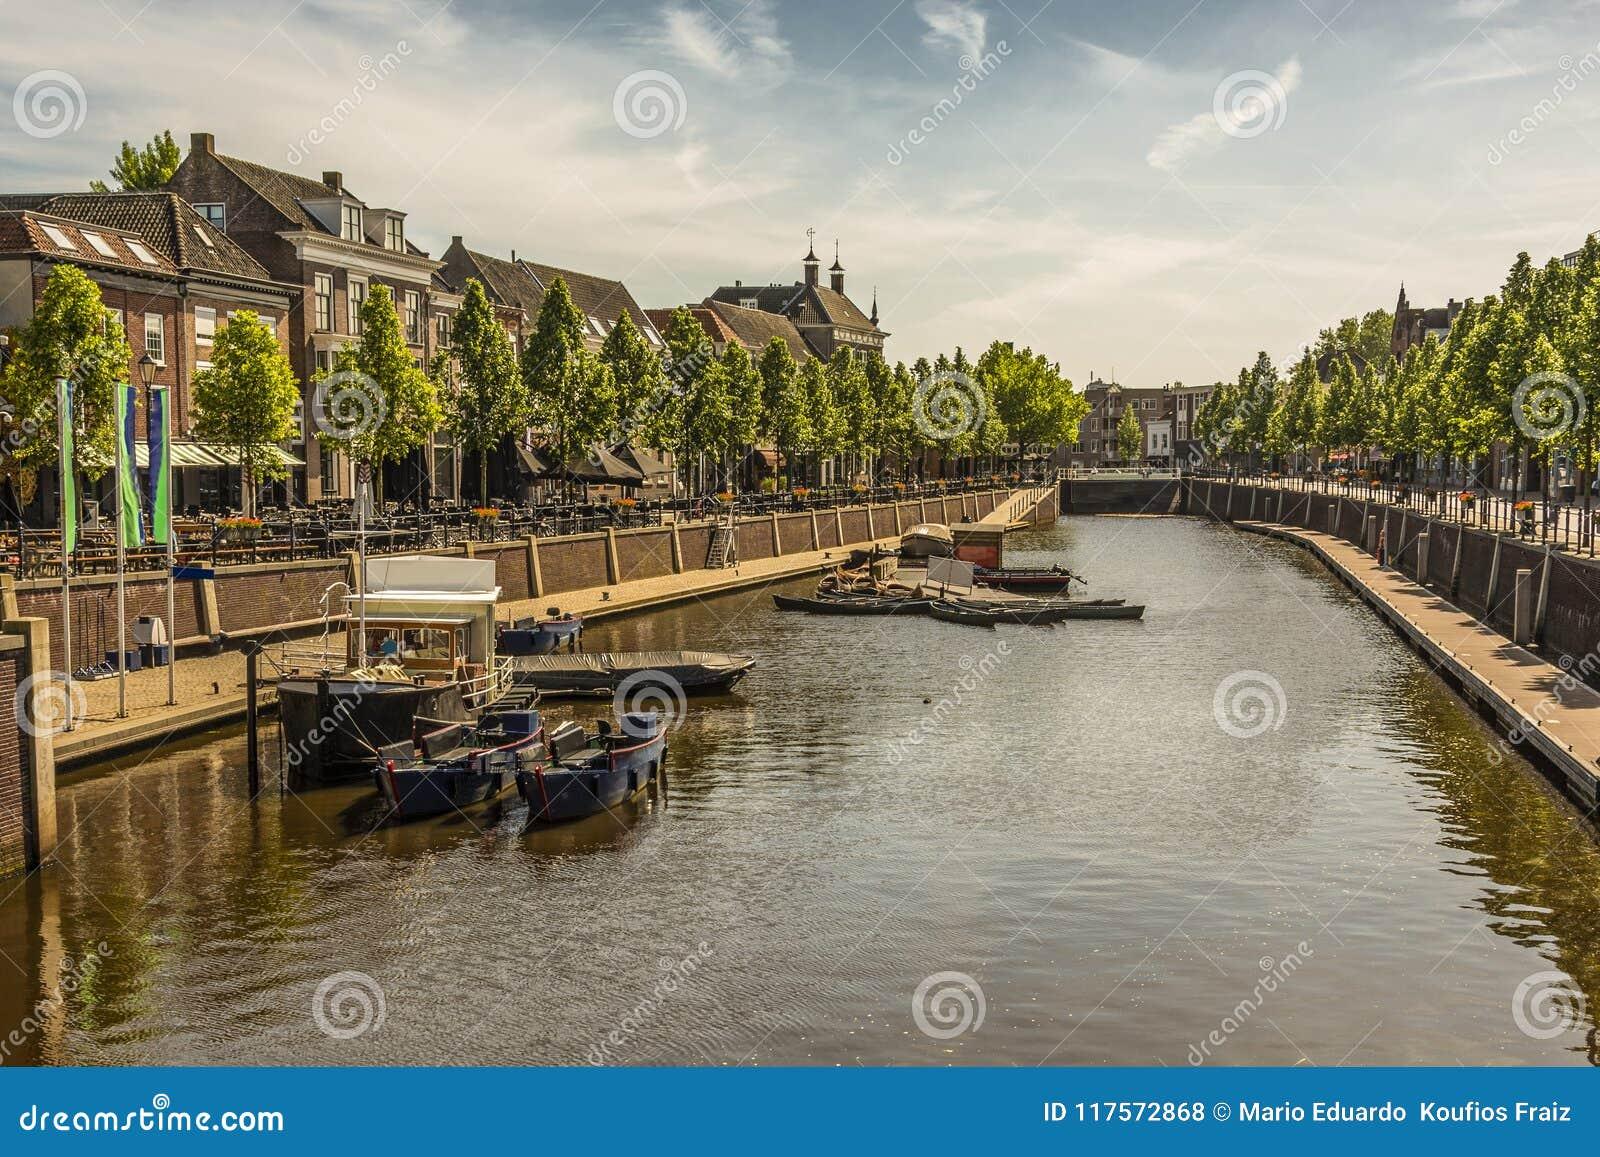 Canal e barcos no centro da cidade de breda netherlands